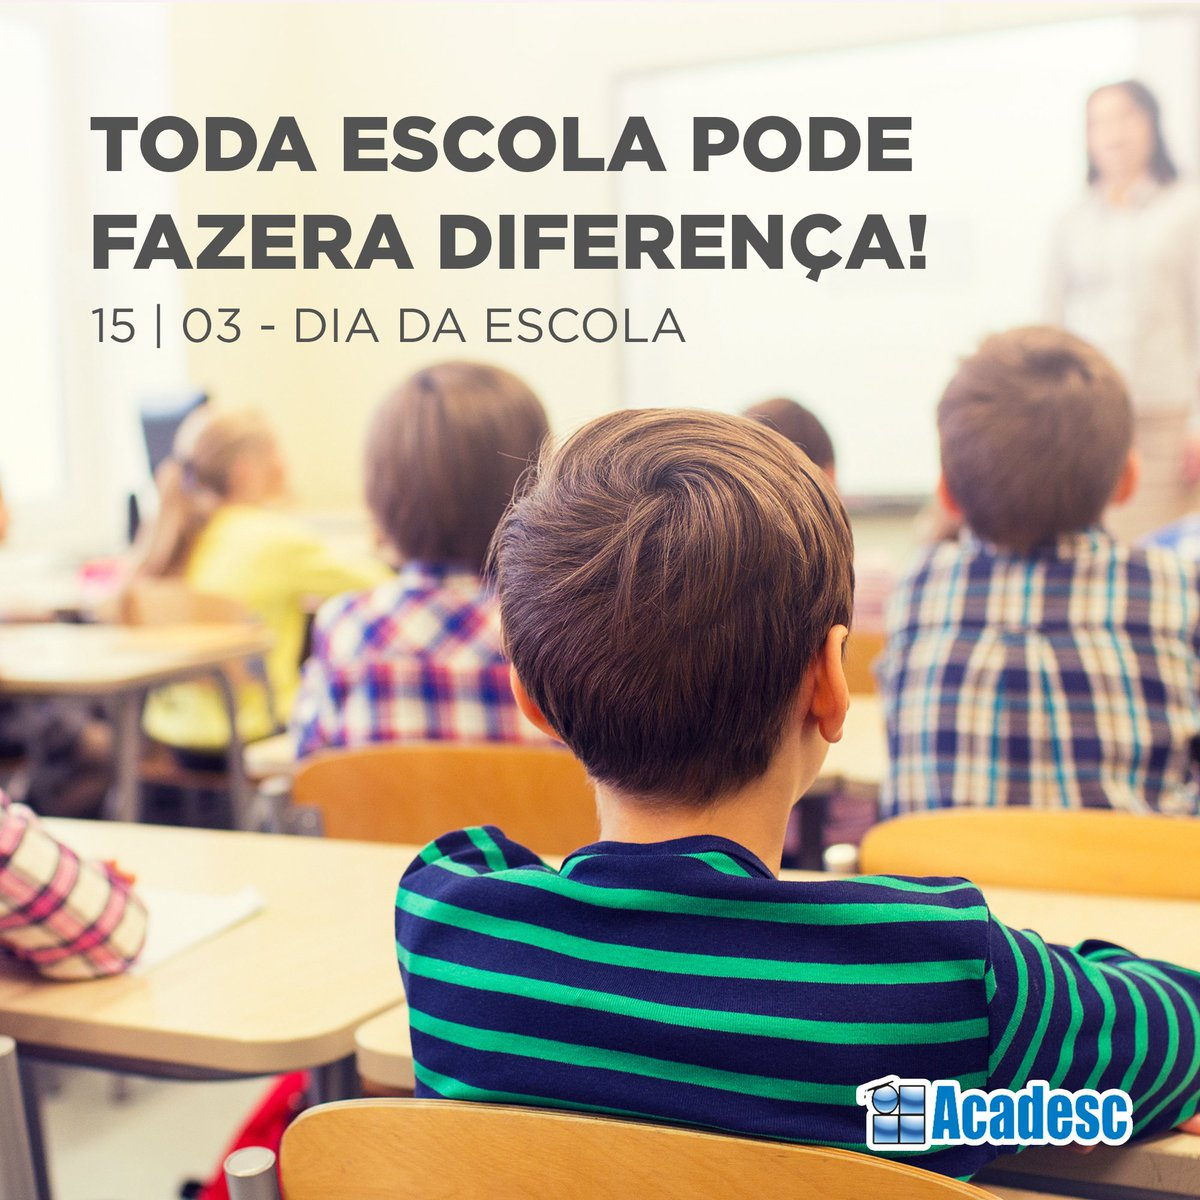 ACADESC WEB's photo on #DiaDaEscola